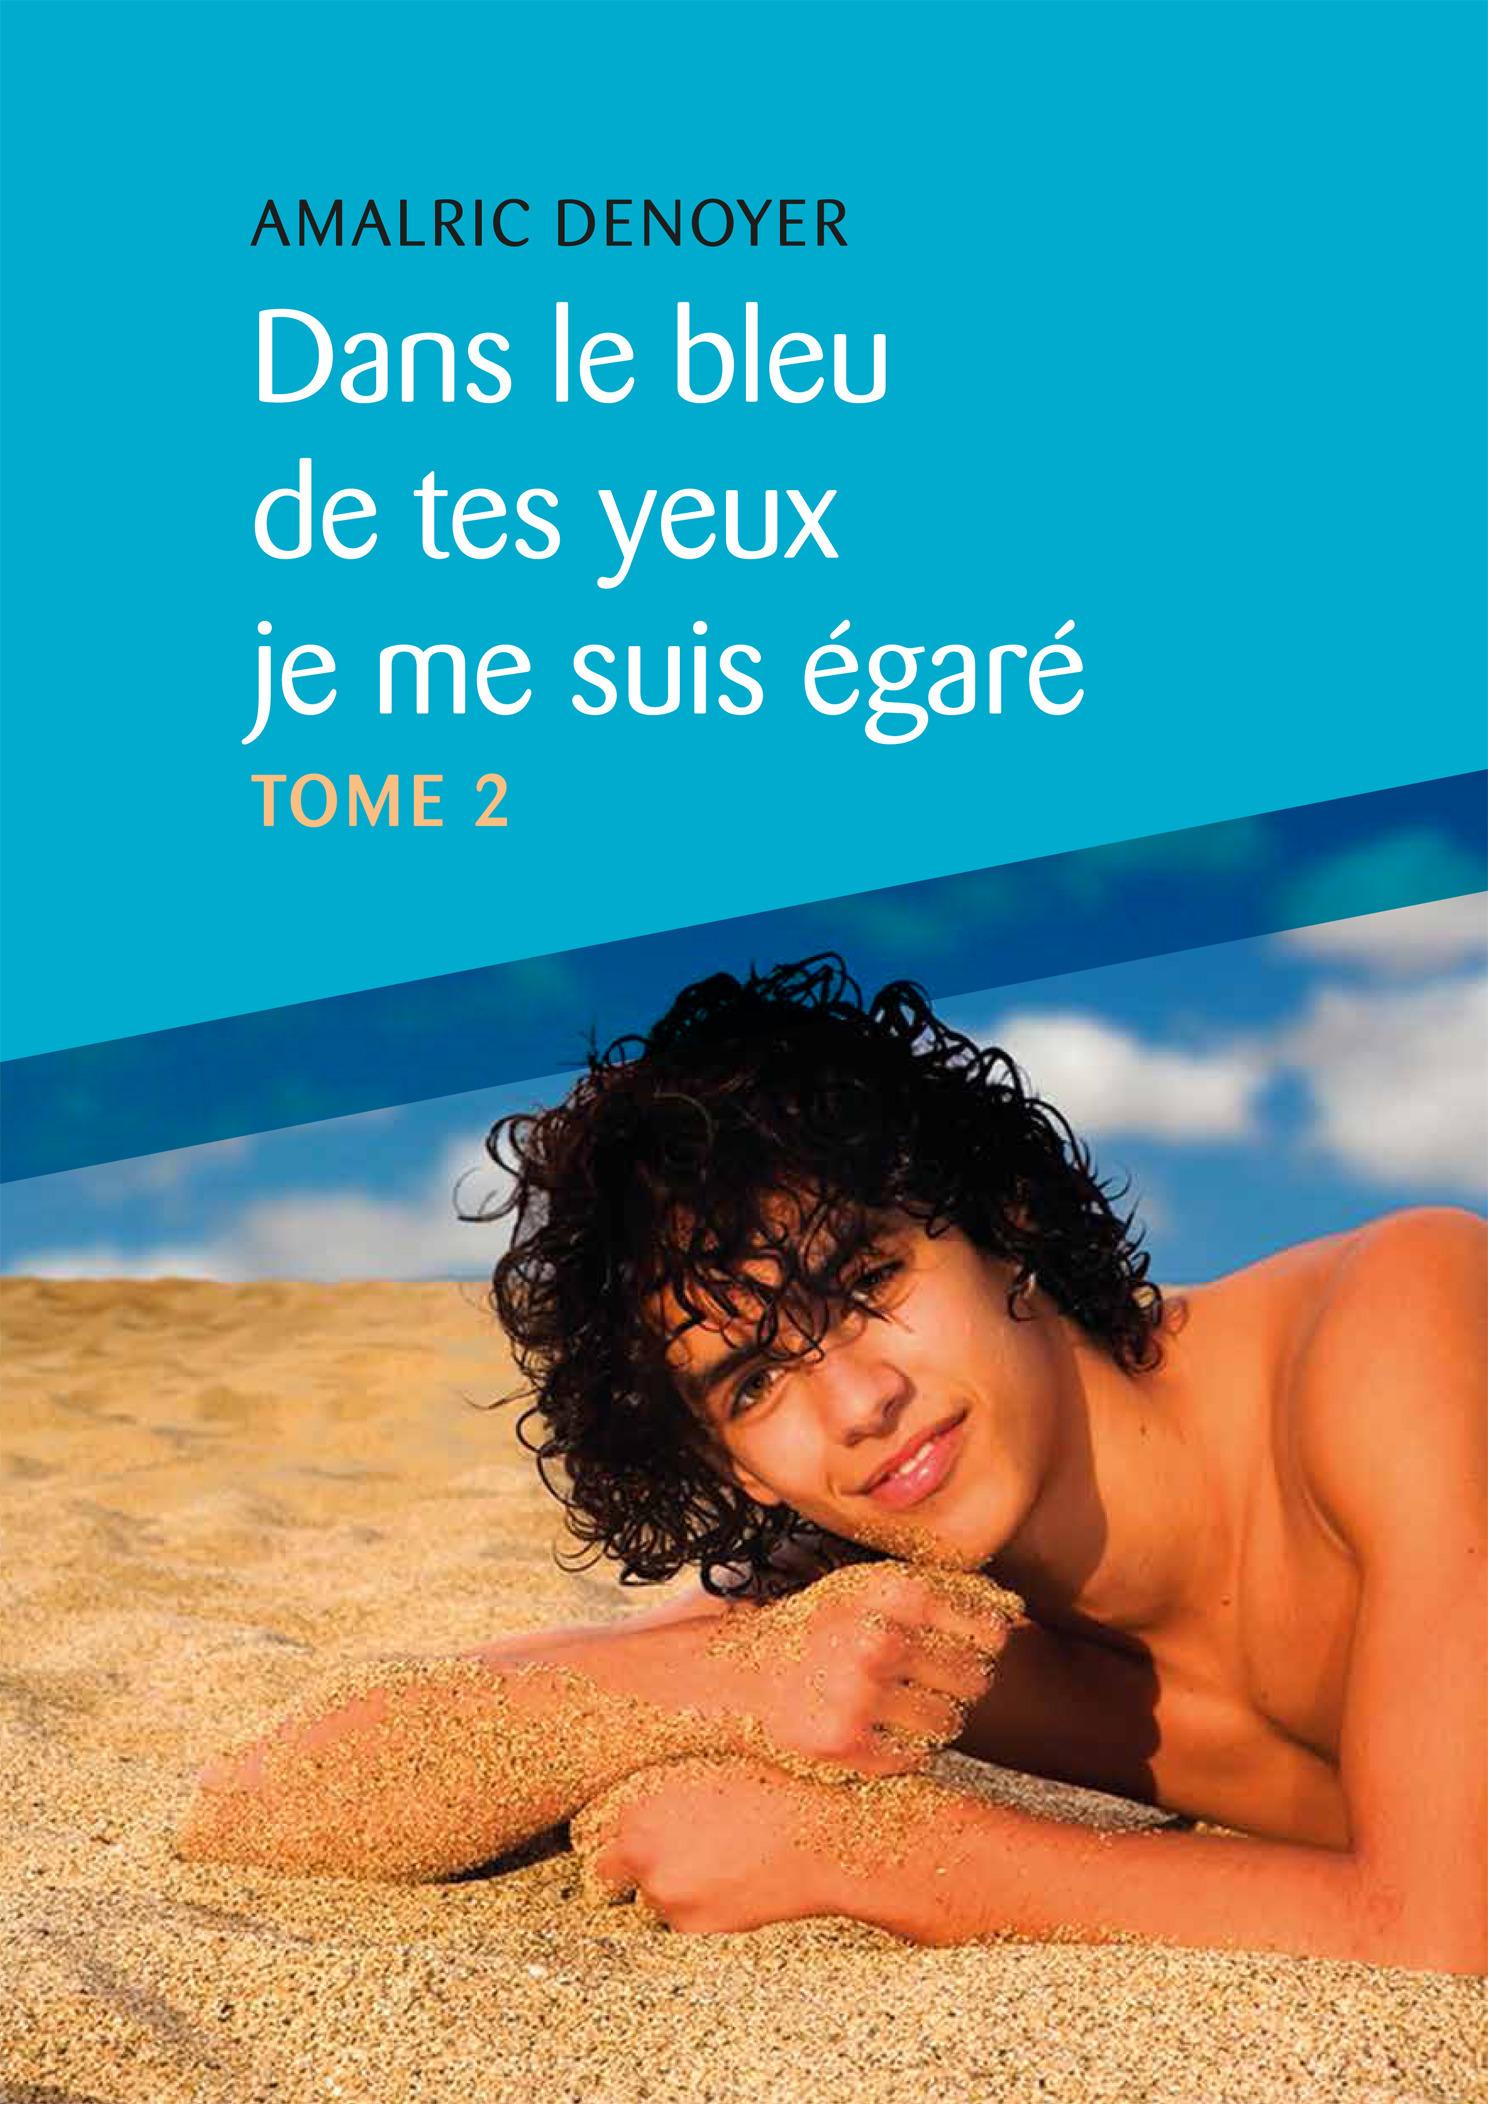 Dans le bleu de tes yeux je me suis égaré, Tome 2  - Amalric Denoyer